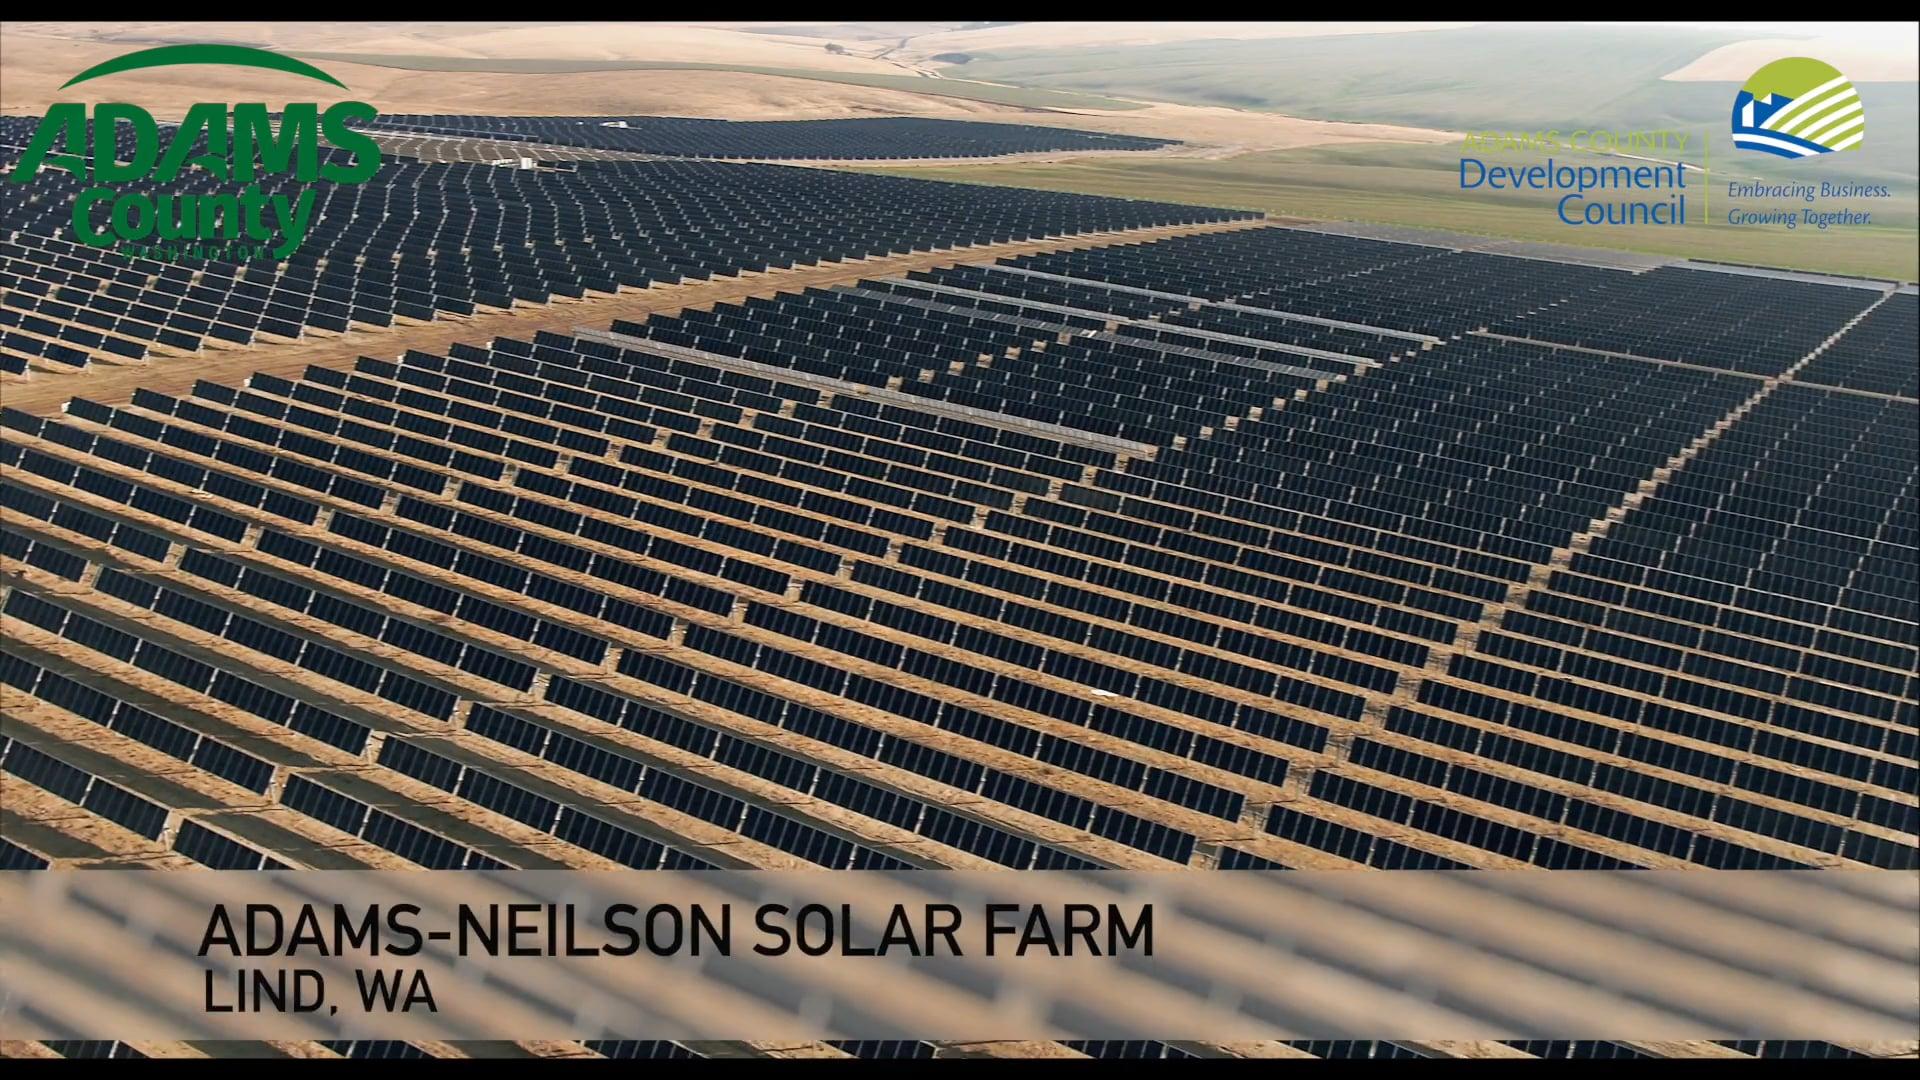 Adams-Neilson Solar Farm __ Lind, WA